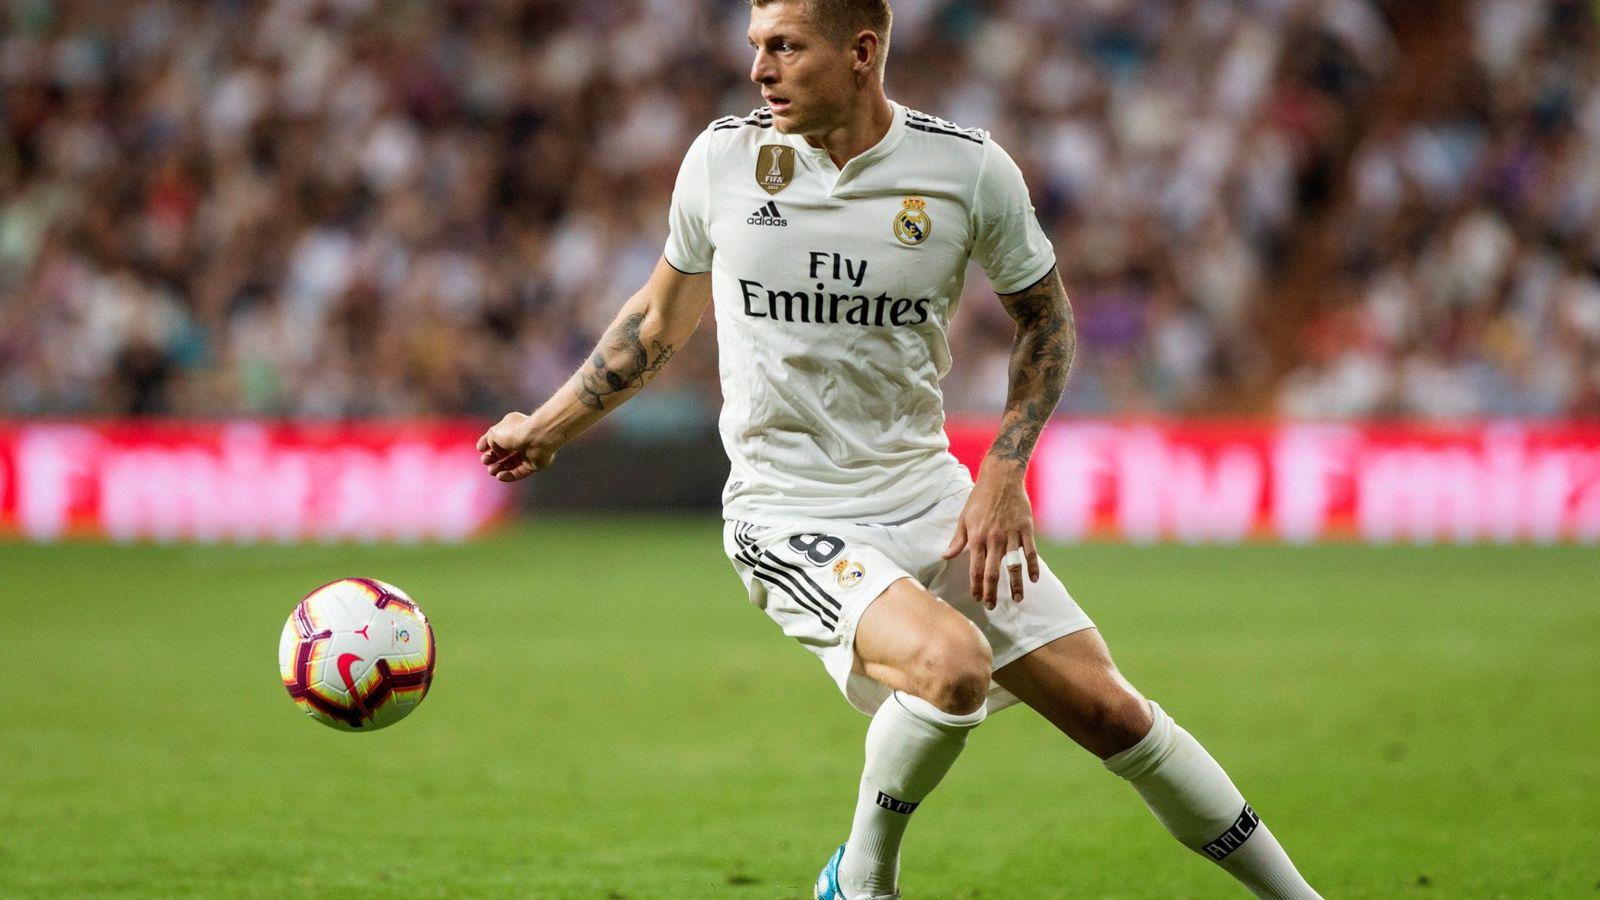 Real Madrid  La pasividad de Kroos inquieta al Real Madrid adba8df9121f2